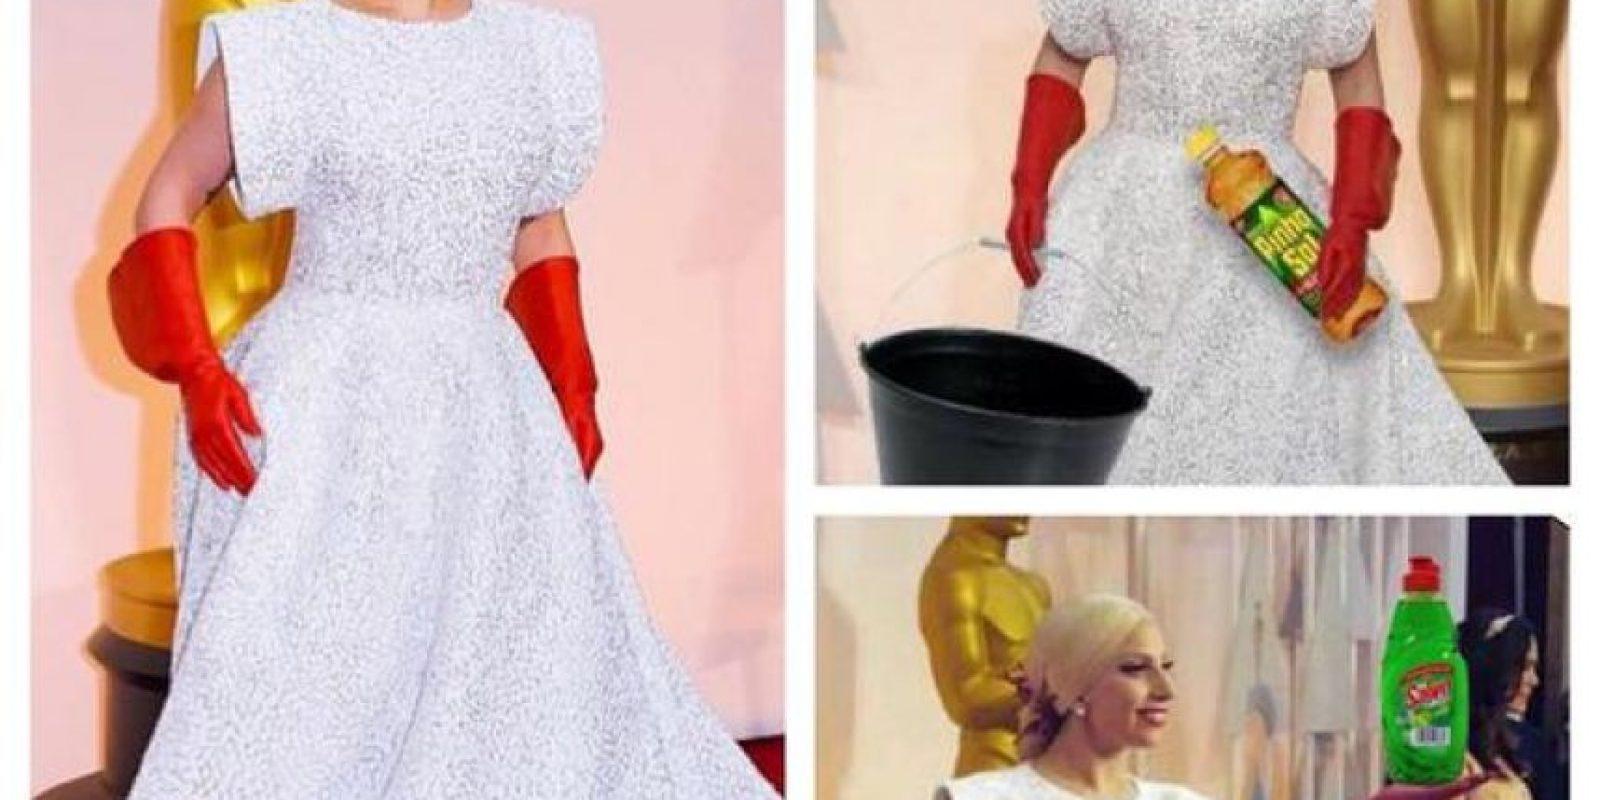 Los memes no perdonaron los guantes rojos de Lady Gaga